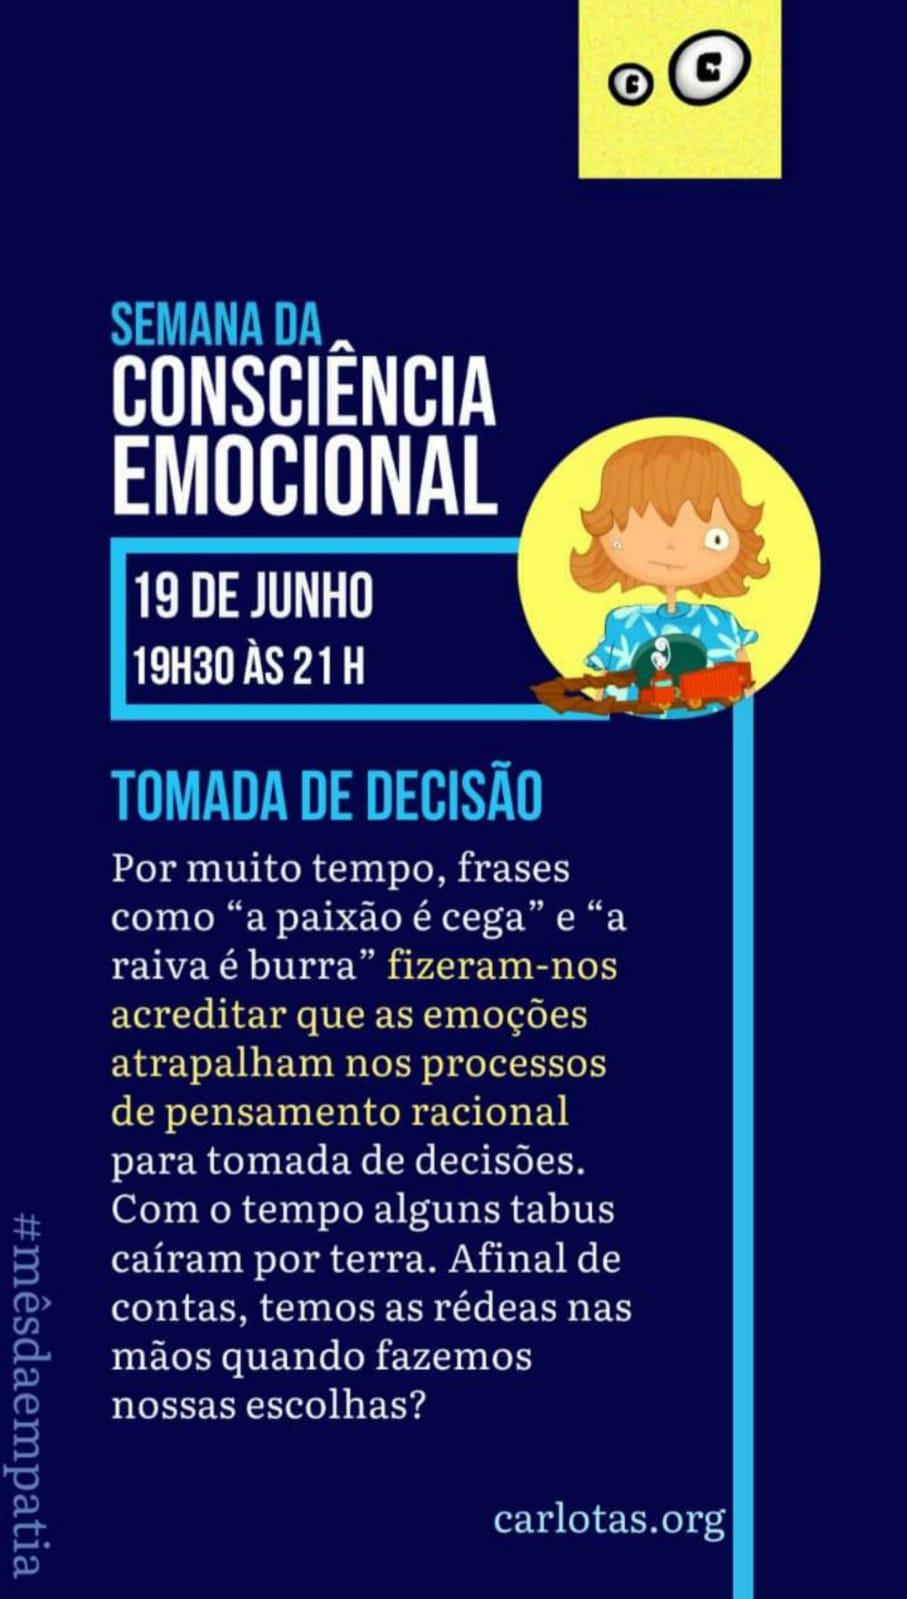 semana-da-consciencia-emocional-tomada-de-decisao